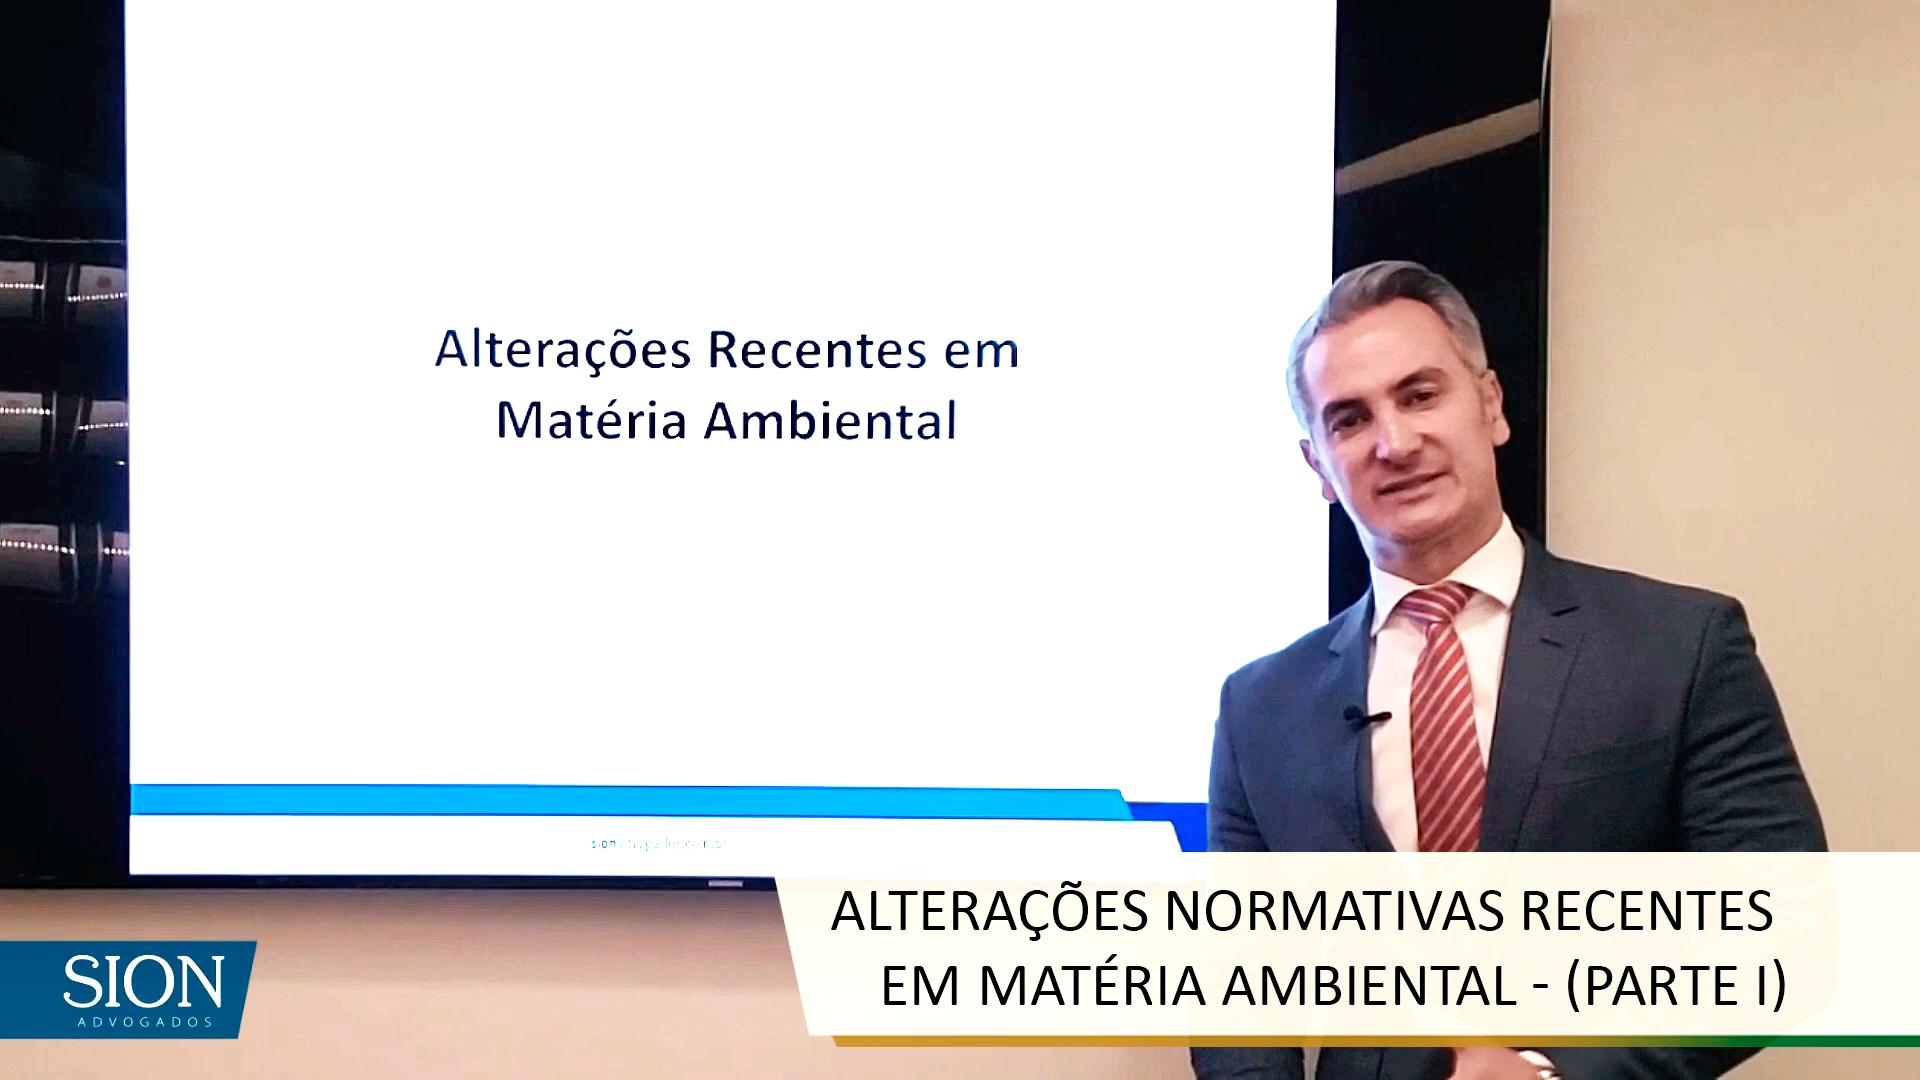 ALTERAÇÕES NORMATIVAS RECENTES EM MATÉRIA AMBIENTAL – (PARTE 01)